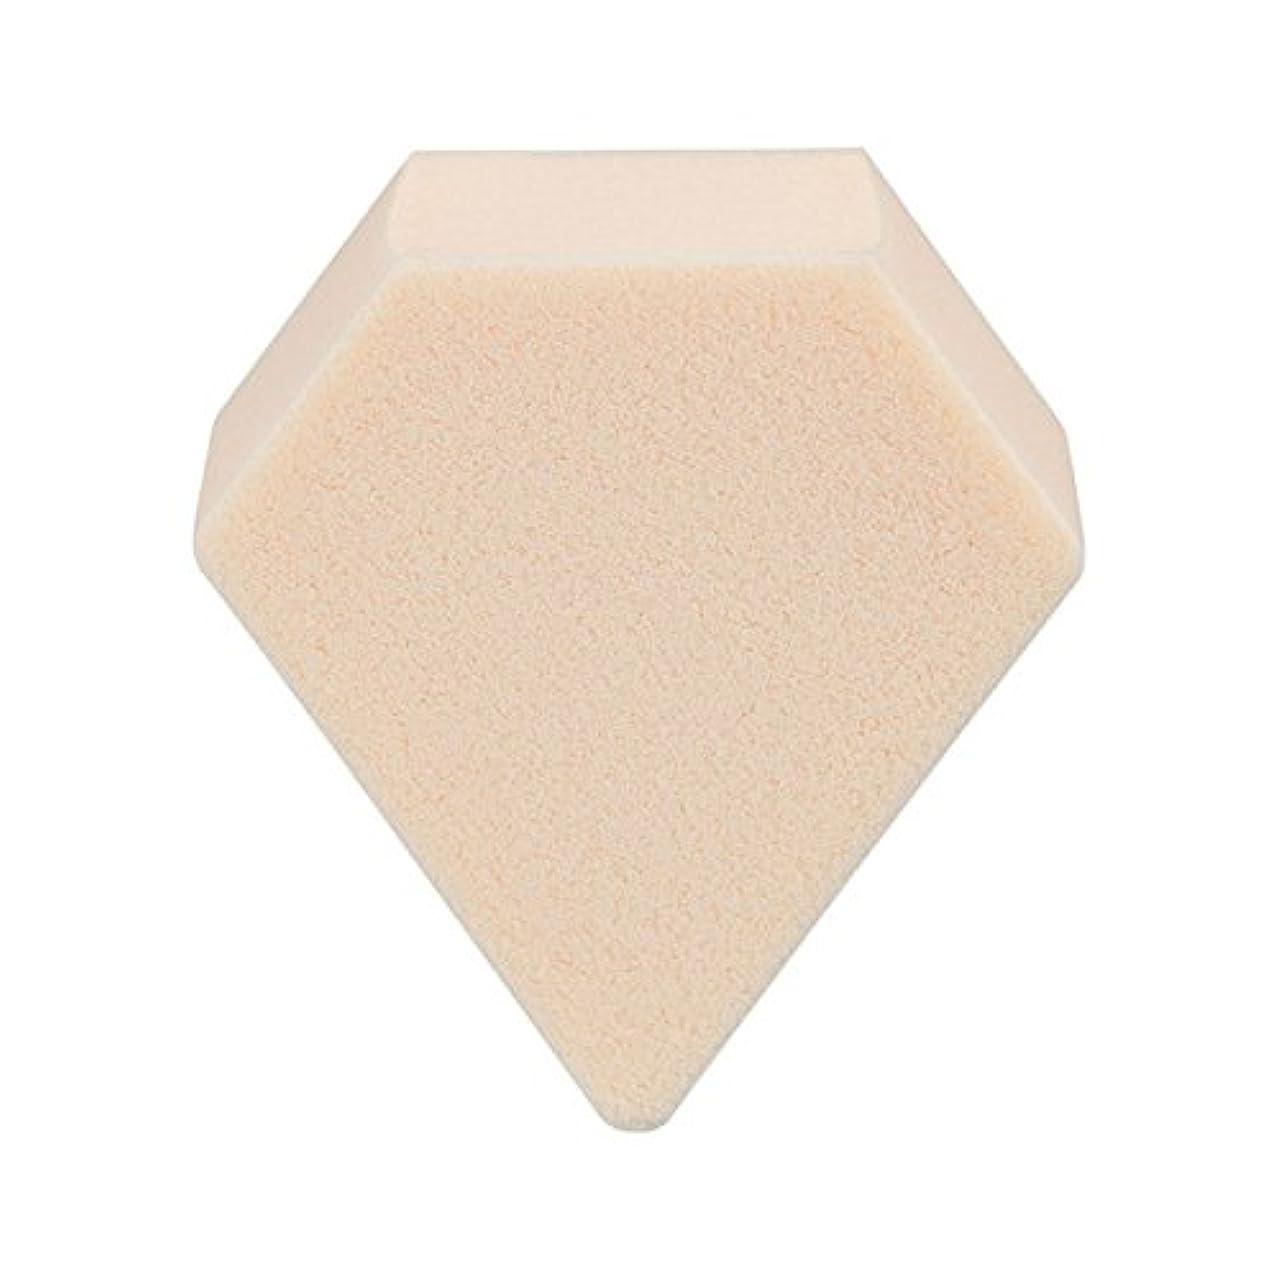 塩偏見砂LANCOME(ランコム) タンイドル ウルトラ ウェア メイクアップ スポンジ